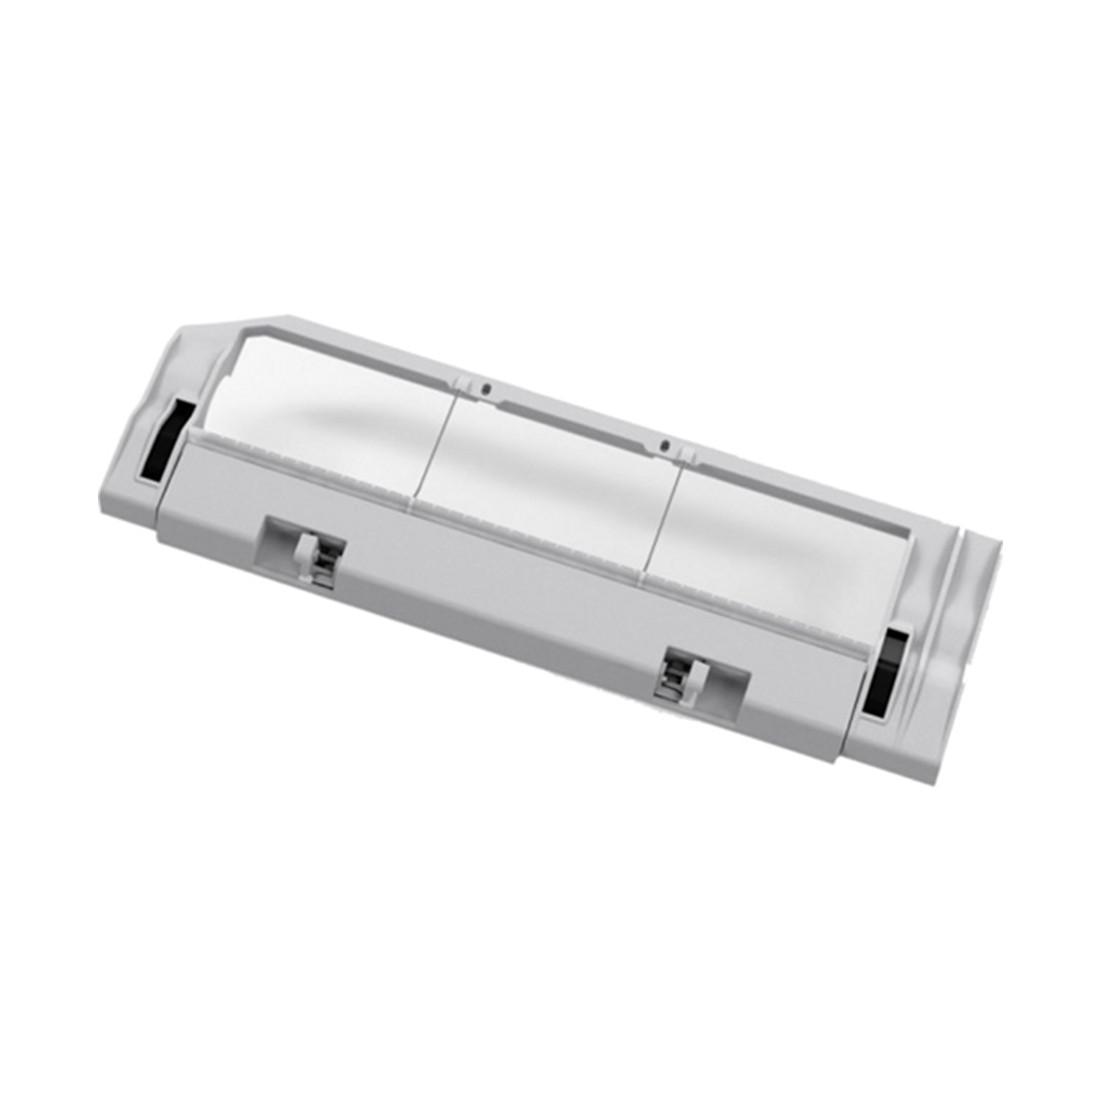 Крышка для отсека основной щетки робота-пылесоса Xiaomi Mi Robot Vacuum Mop